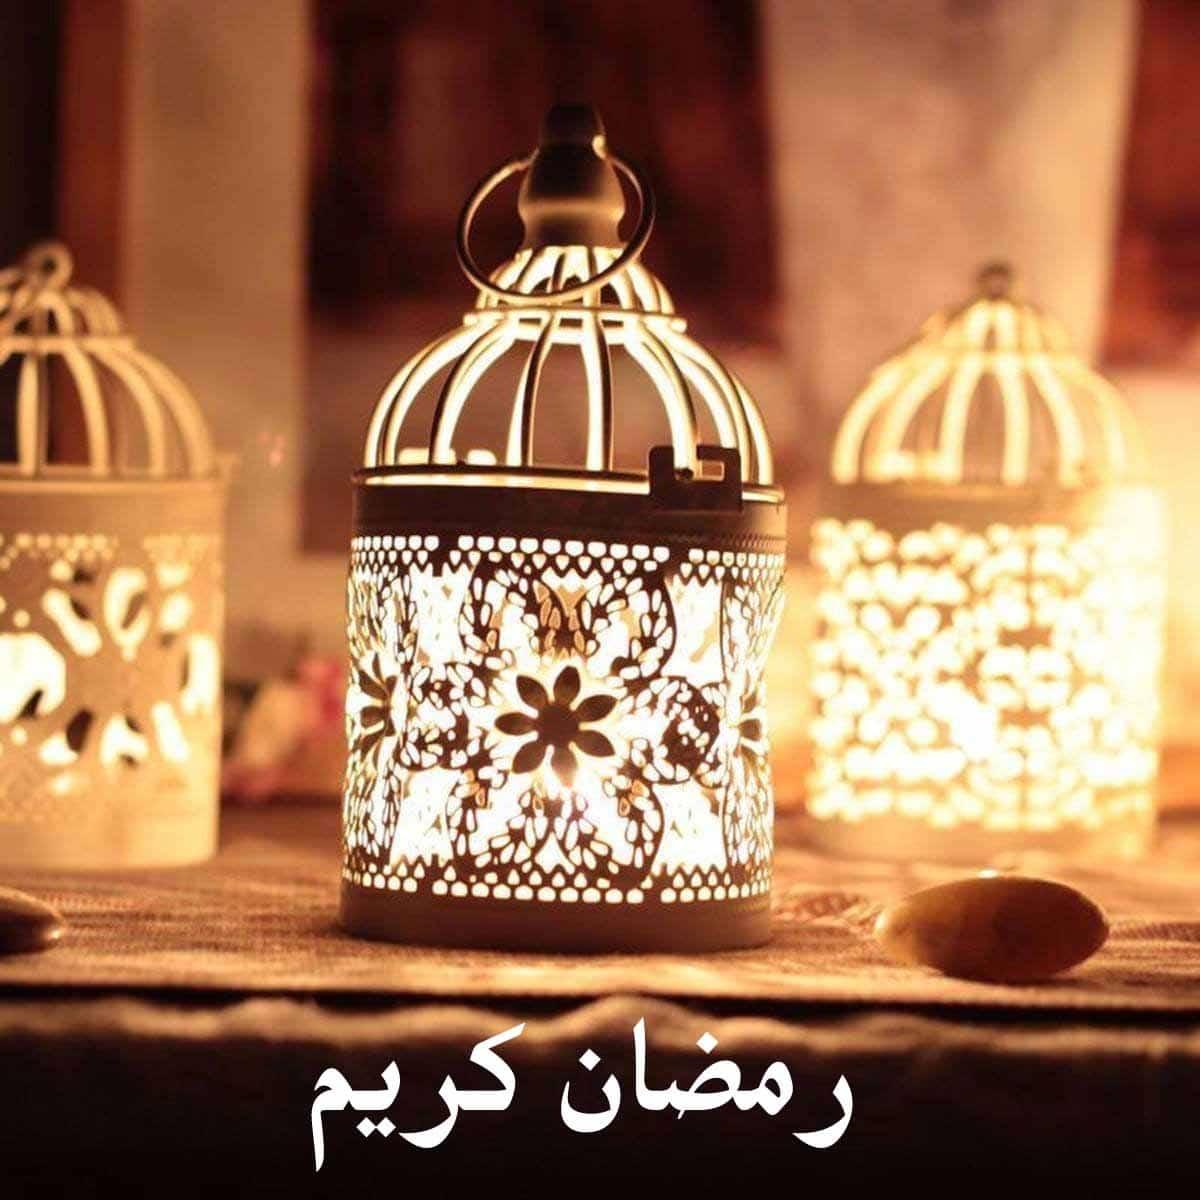 صورة صور رمضان 2019, الاحتفال بشهر رمضان المبارك 4750 3